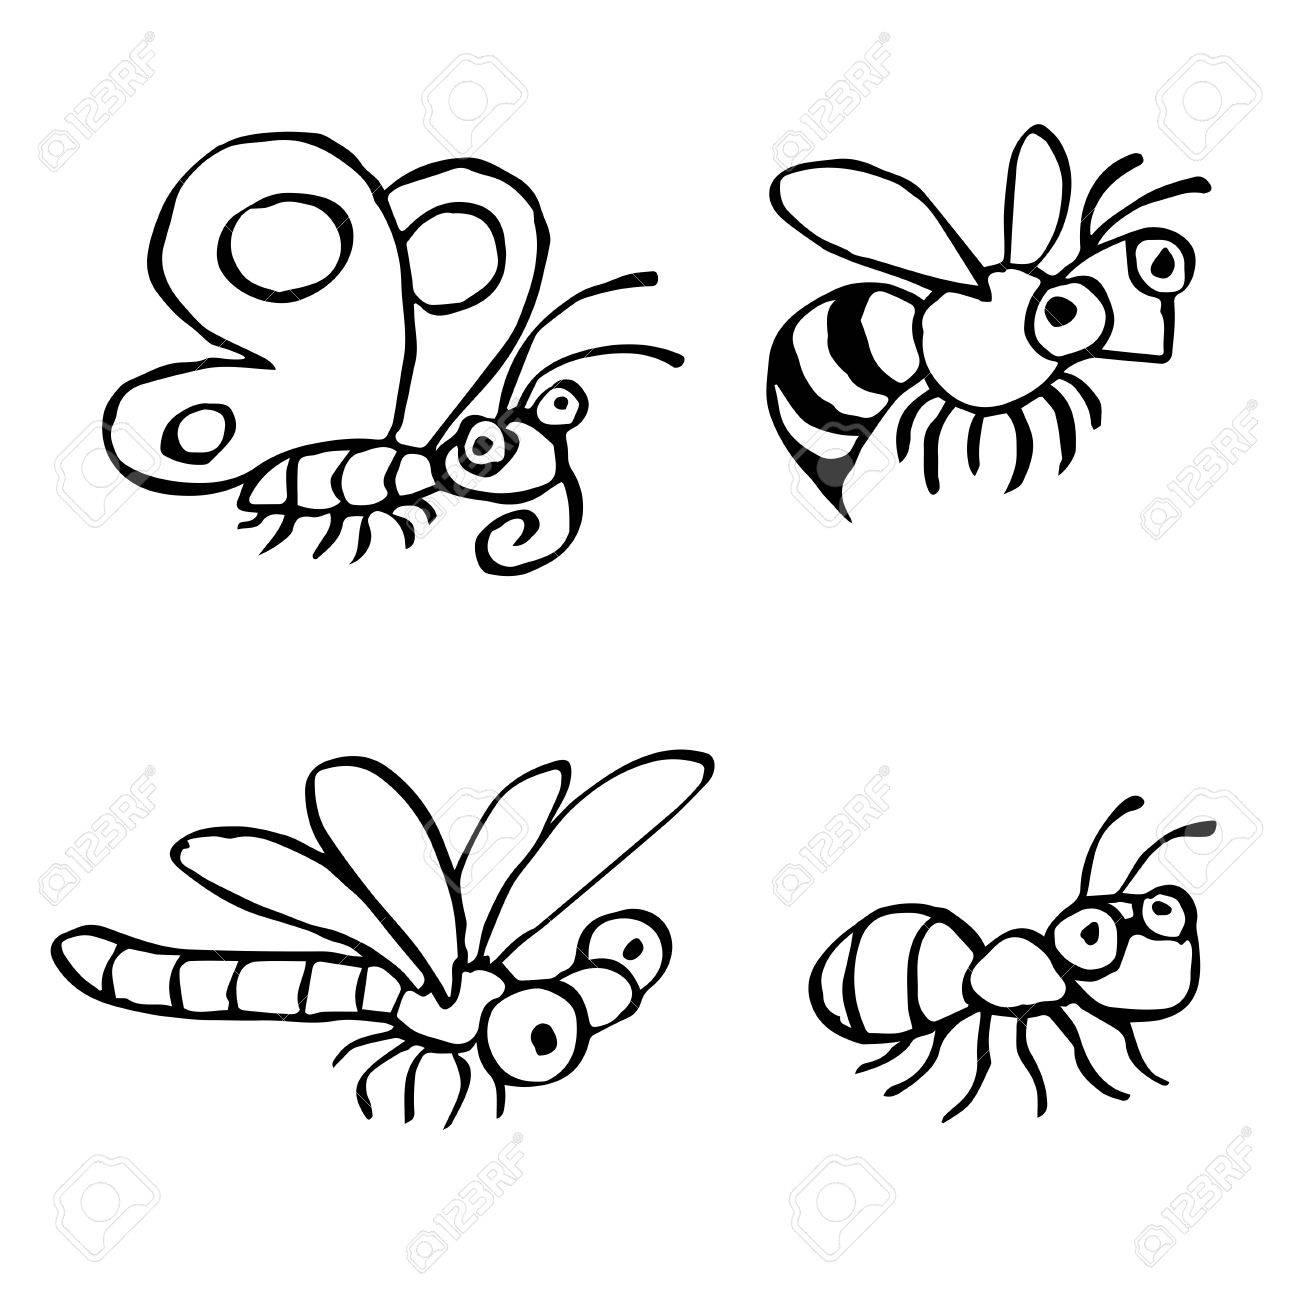 Insectes Mignons Rampant Illustration Vectorielle Contour Des Caractères De Dessin Numérique à Main Levée Papillon Guêpe Libellule Et Fourmi